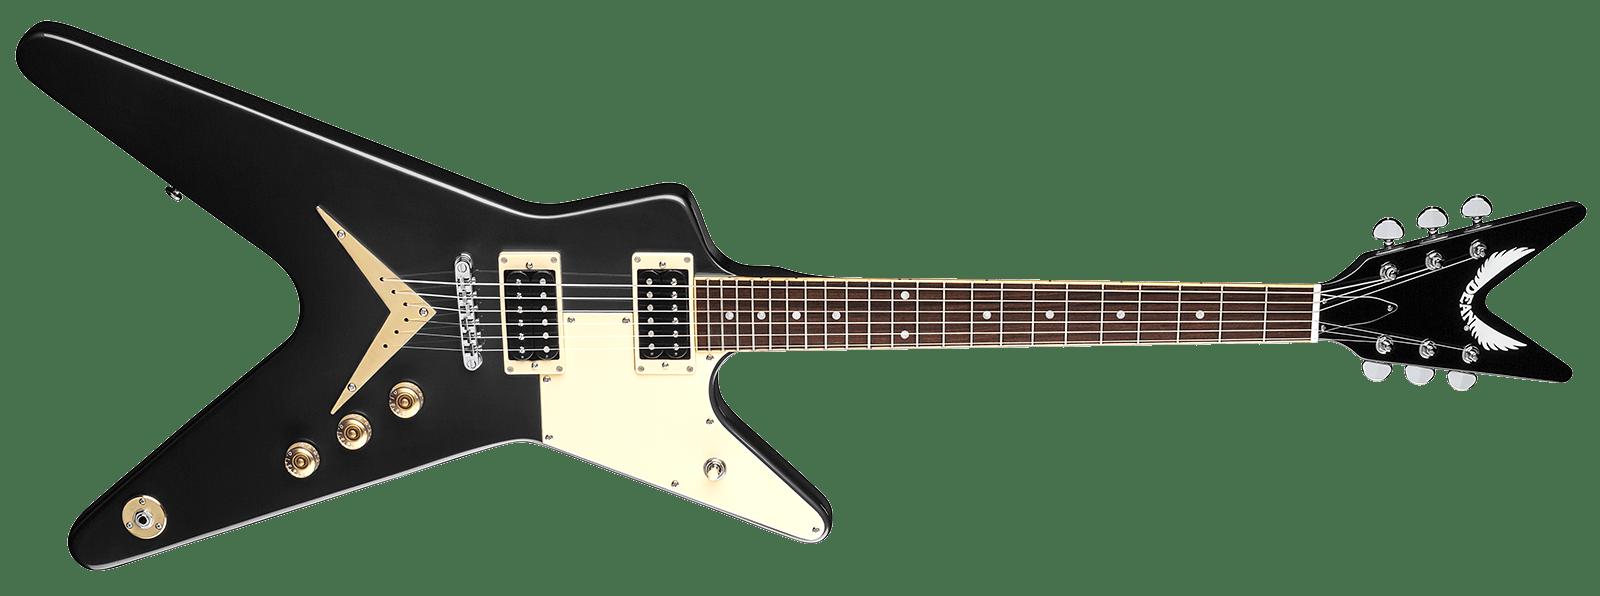 ML 79 Standard w/Half PG - Classic Black